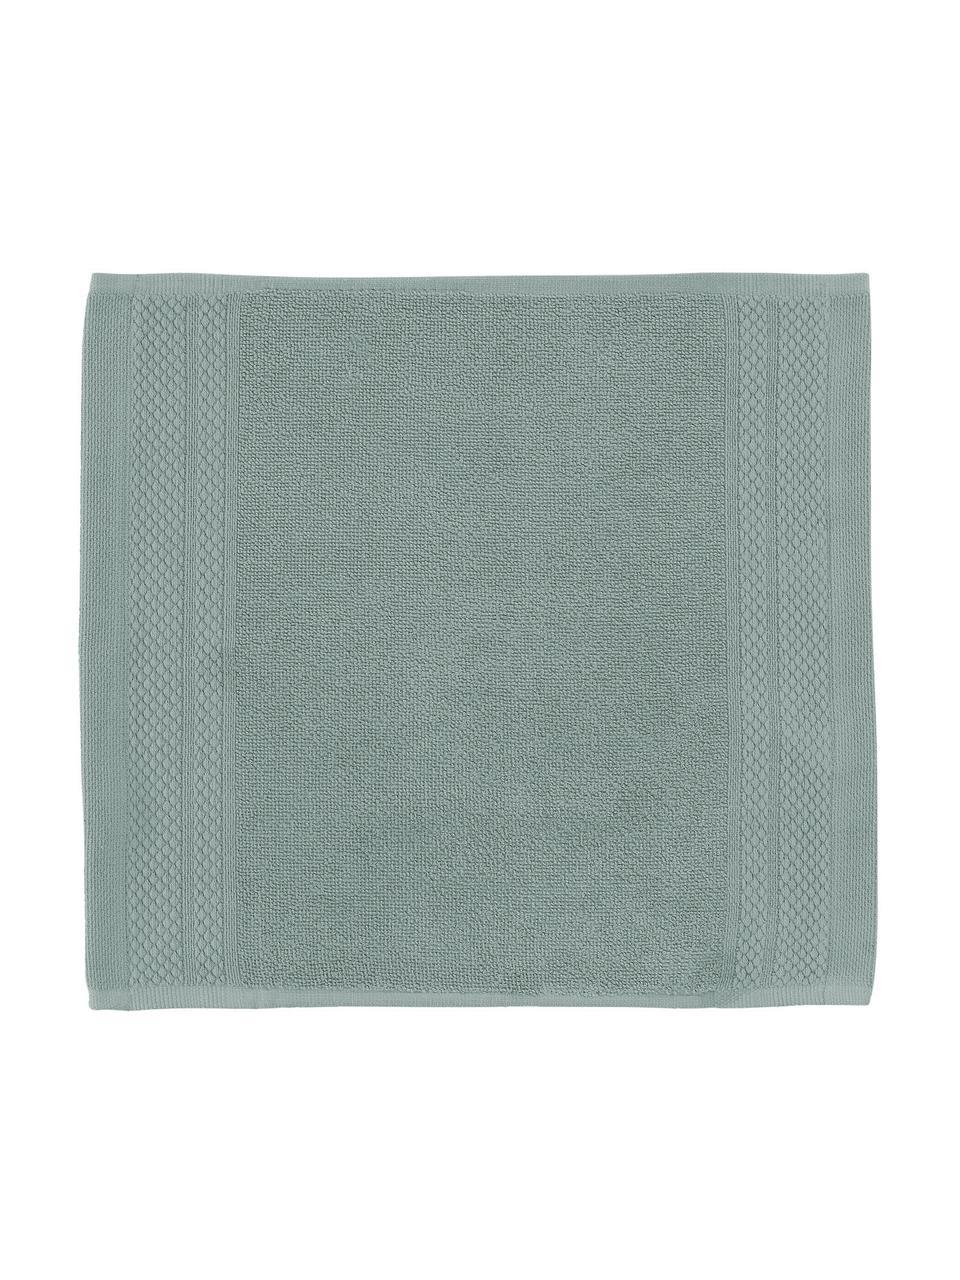 Handtuch Premium in verschiedenen Größen, mit klassischer Zierbordüre, Salbeigrün, XS Gästehandtuch